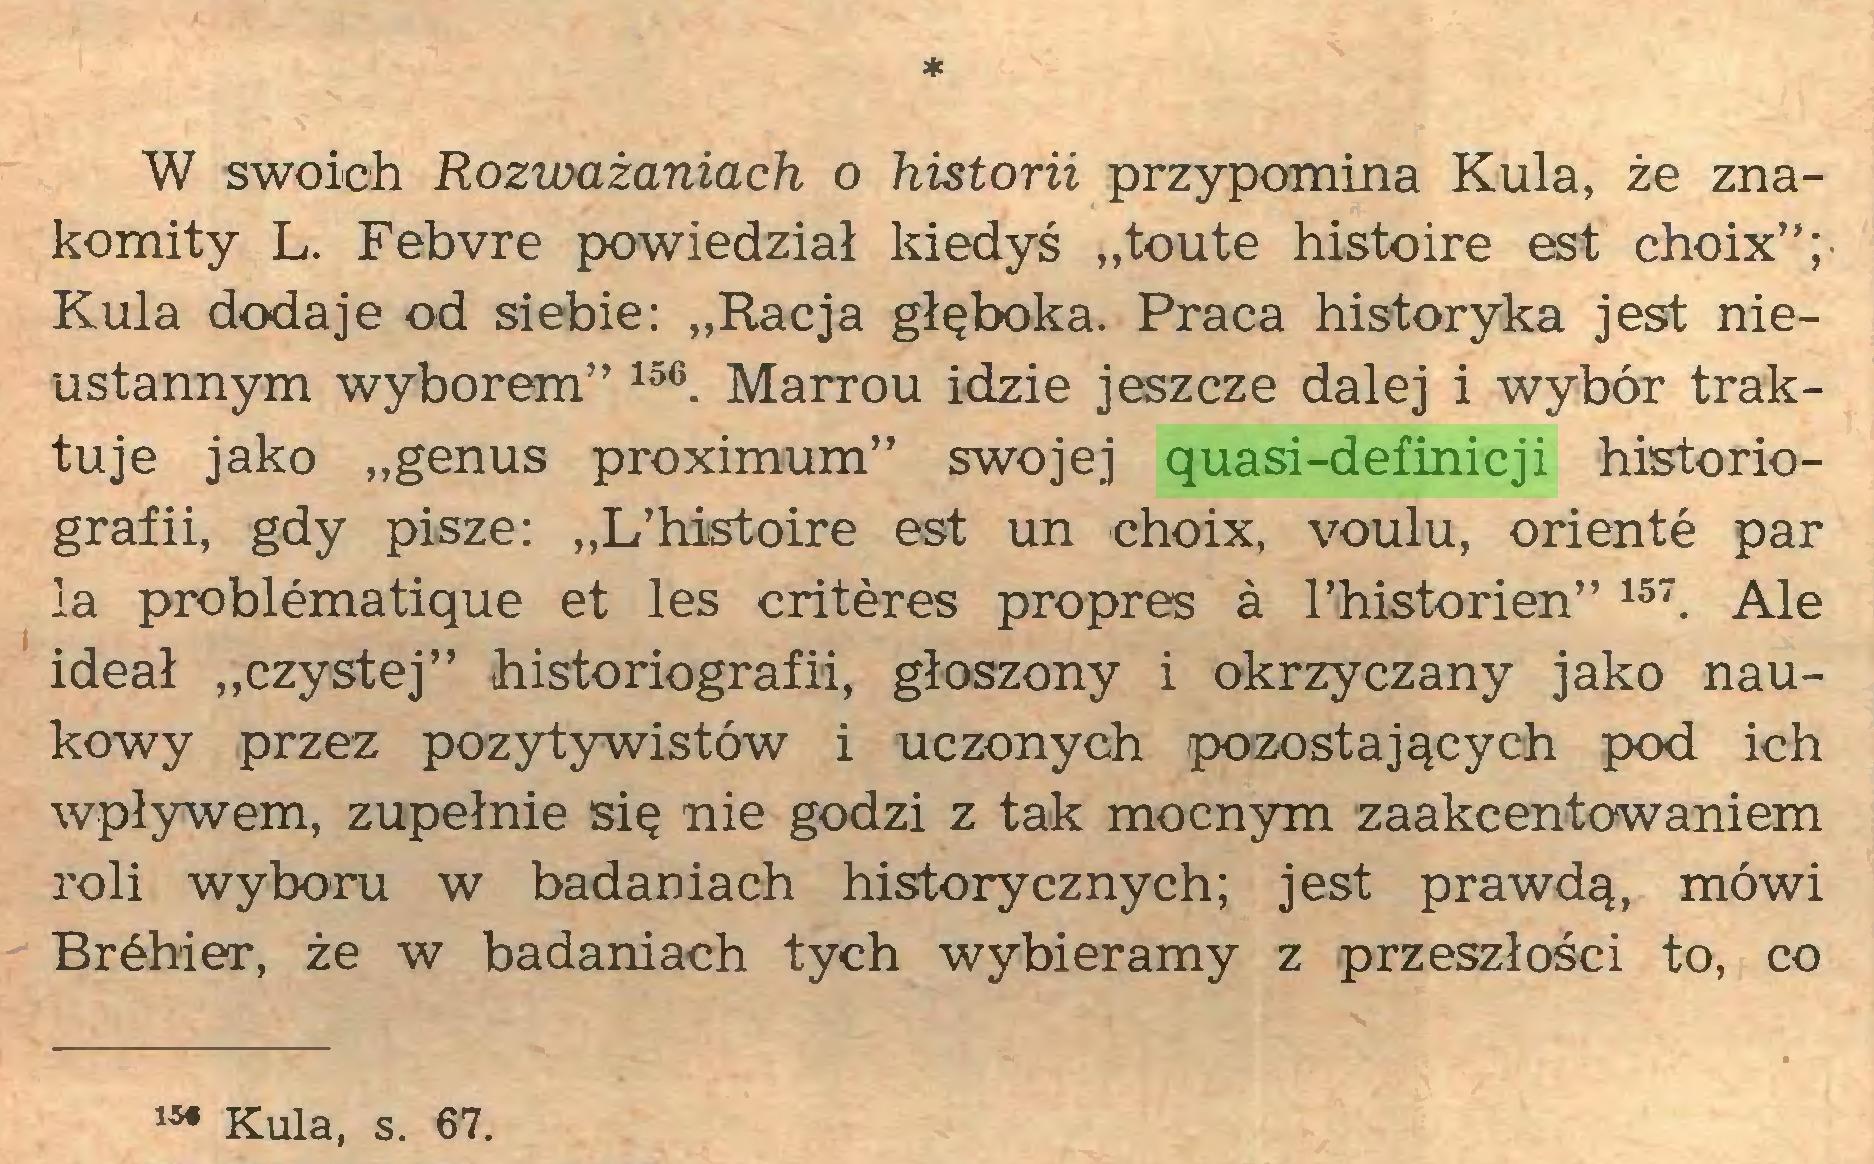 """(...) * W swoich Rozważaniach o historii przypomina Kula, że znakomity L. Febvre powiedział kiedyś """"toute histoire est choix""""; Kula dodaje od siebie: """"Racja głęboka. Praca historyka jest nieustannym wyborem"""" 156. Marrou idzie jeszcze dalej i wybór traktuje jako """"genus proximum"""" swojej quasi-definicji historiografii, gdy pisze: """"L'histoire est un choix, voulu, orienté par la problématique et les critères propres à l'historien"""" 157. Ale ideał """"czystej"""" historiografii, głoszony i okrzyczany jako naukowy przez pozytywistów i uczonych pozostających pod ich wpływem, zupełnie się nie godzi z tak mocnym zaakcentowaniem roli wyboru w badaniach historycznych; jest prawdą, mówi Bréhier, że w badaniach tych wybieramy z przeszłości to, co Kula, s. 67..."""